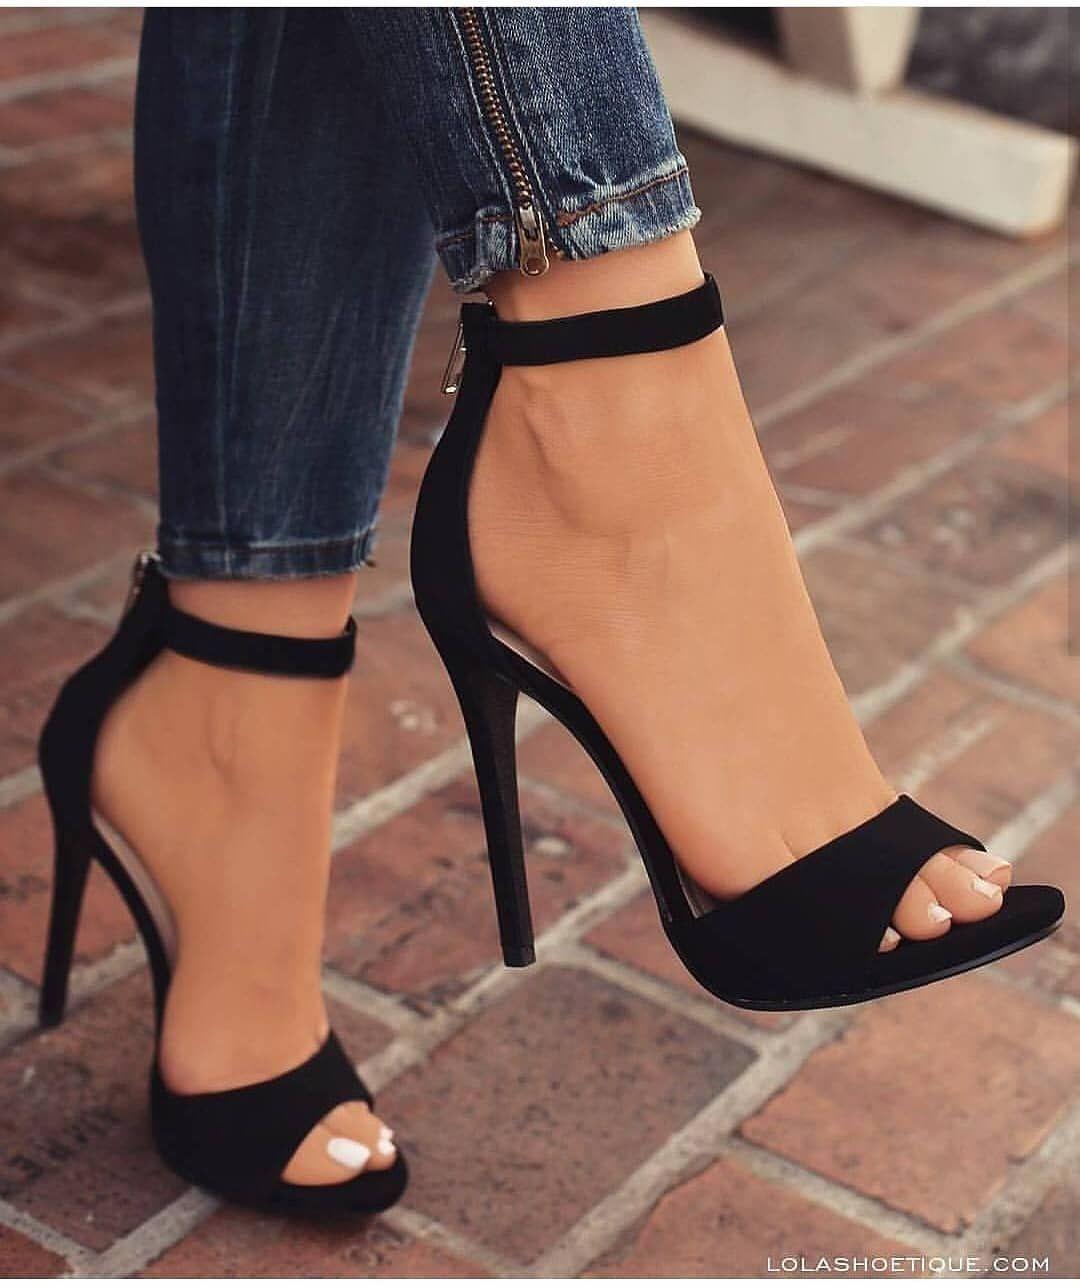 Sandálias | Saltos bonitos, Sapatos, Sapatos bonitos